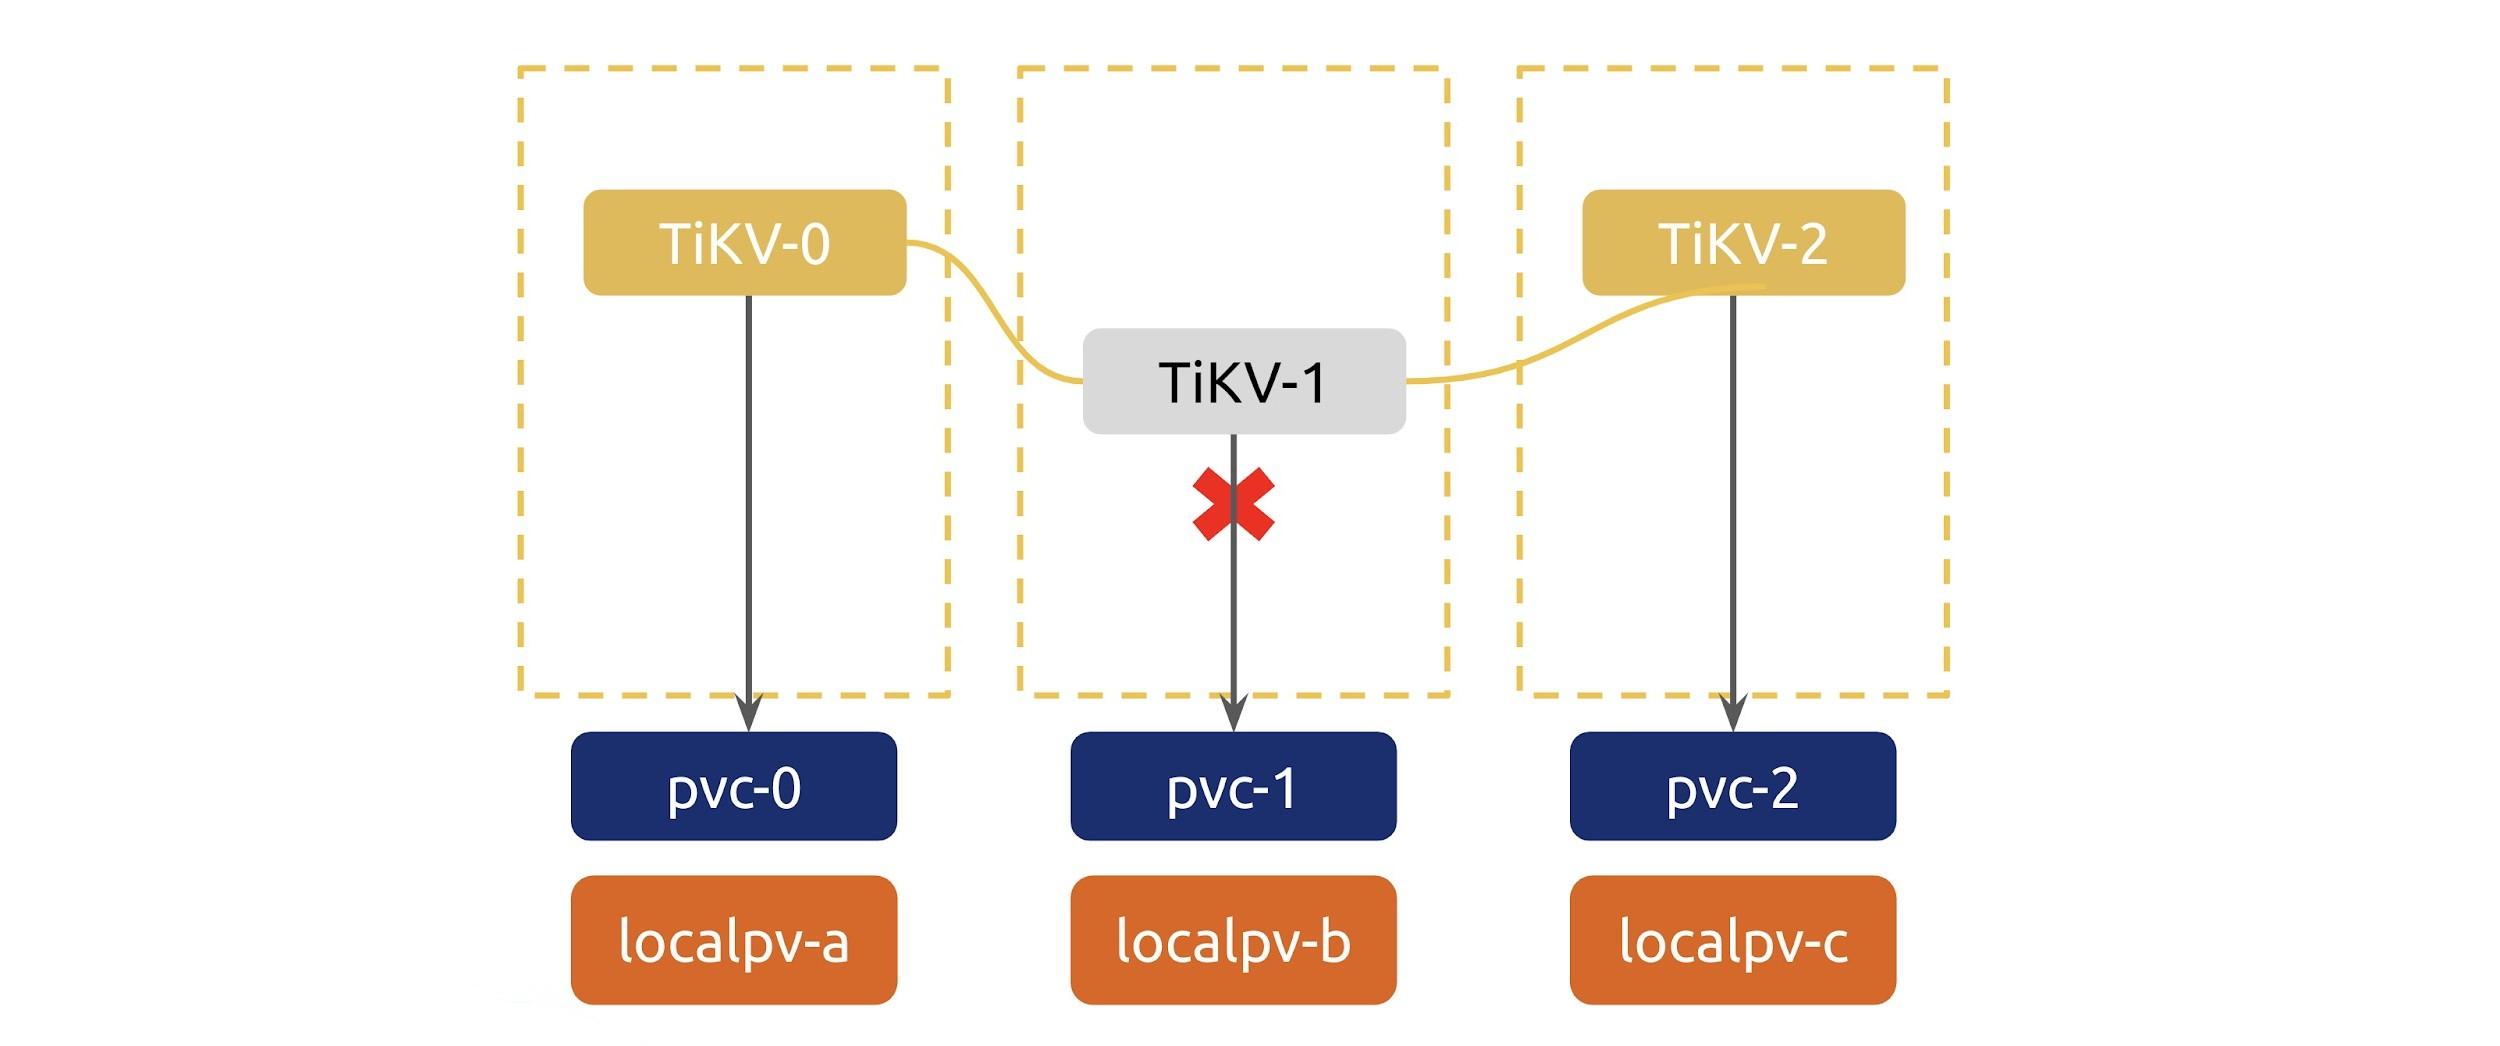 TiKV-1 is down